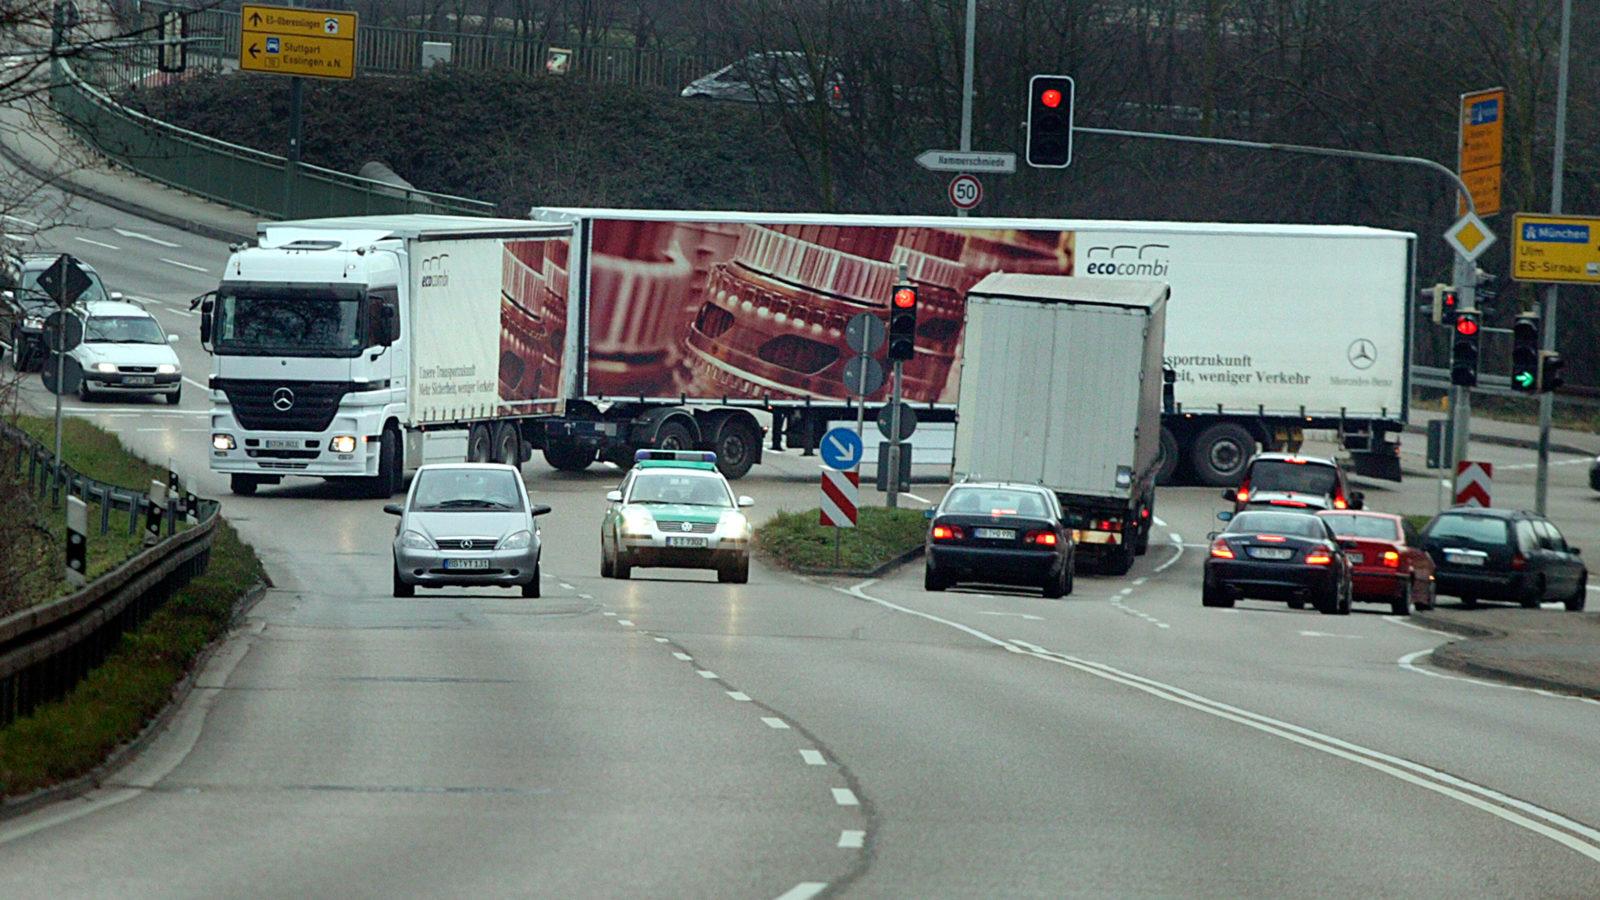 Albtraum auf der Kreuzung: Auch nach fünf Jahren Riesen-Lkw-Test wollen sich die Autofahrer nicht an den Anblick gewöhnen. Laut Forsa sind 72 Prozent der Deutschen gegen Gigaliner.